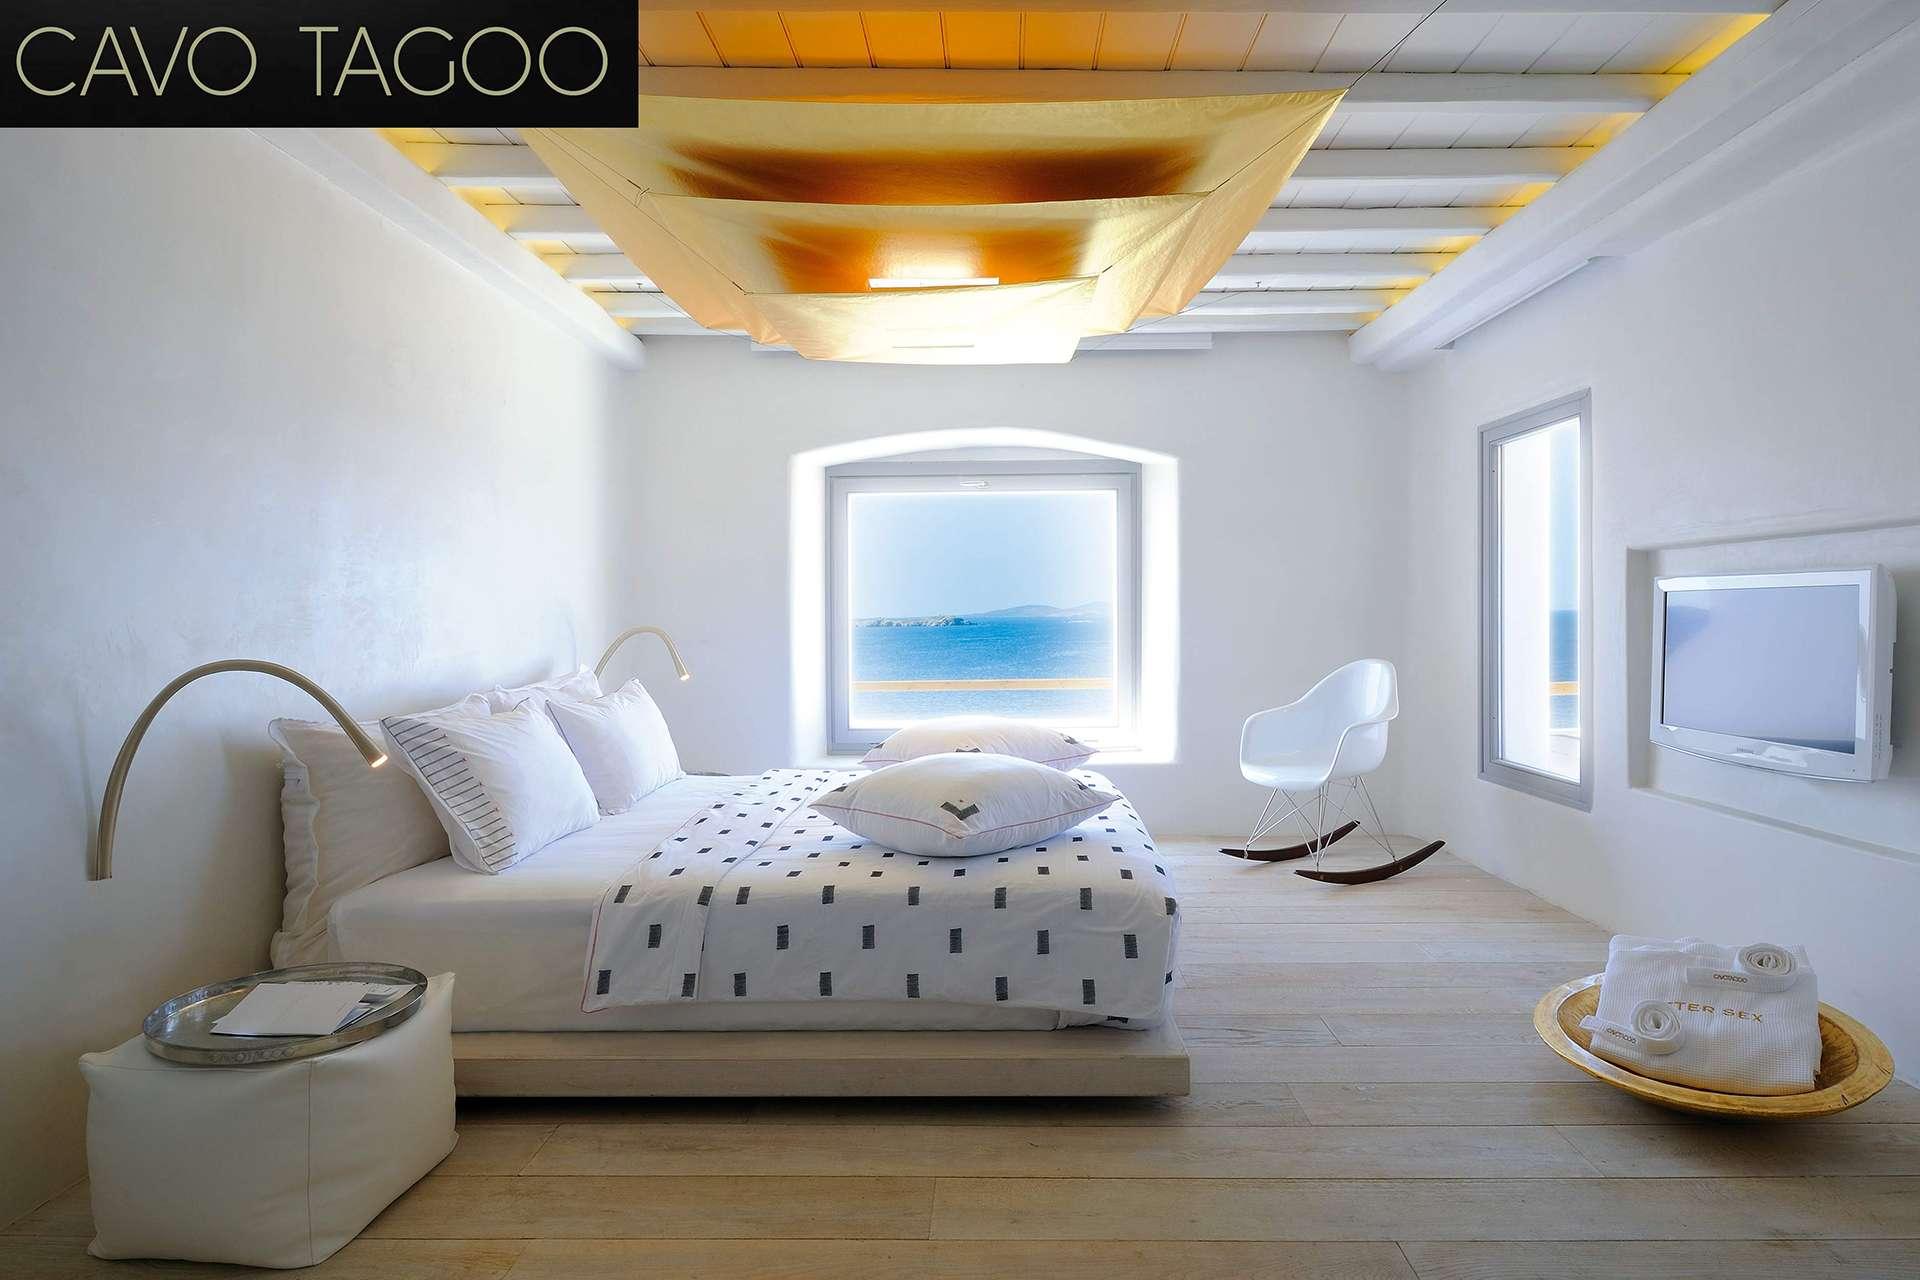 cavo-tagoo-hotel-mykonos-hotels-mykonos-exclusive